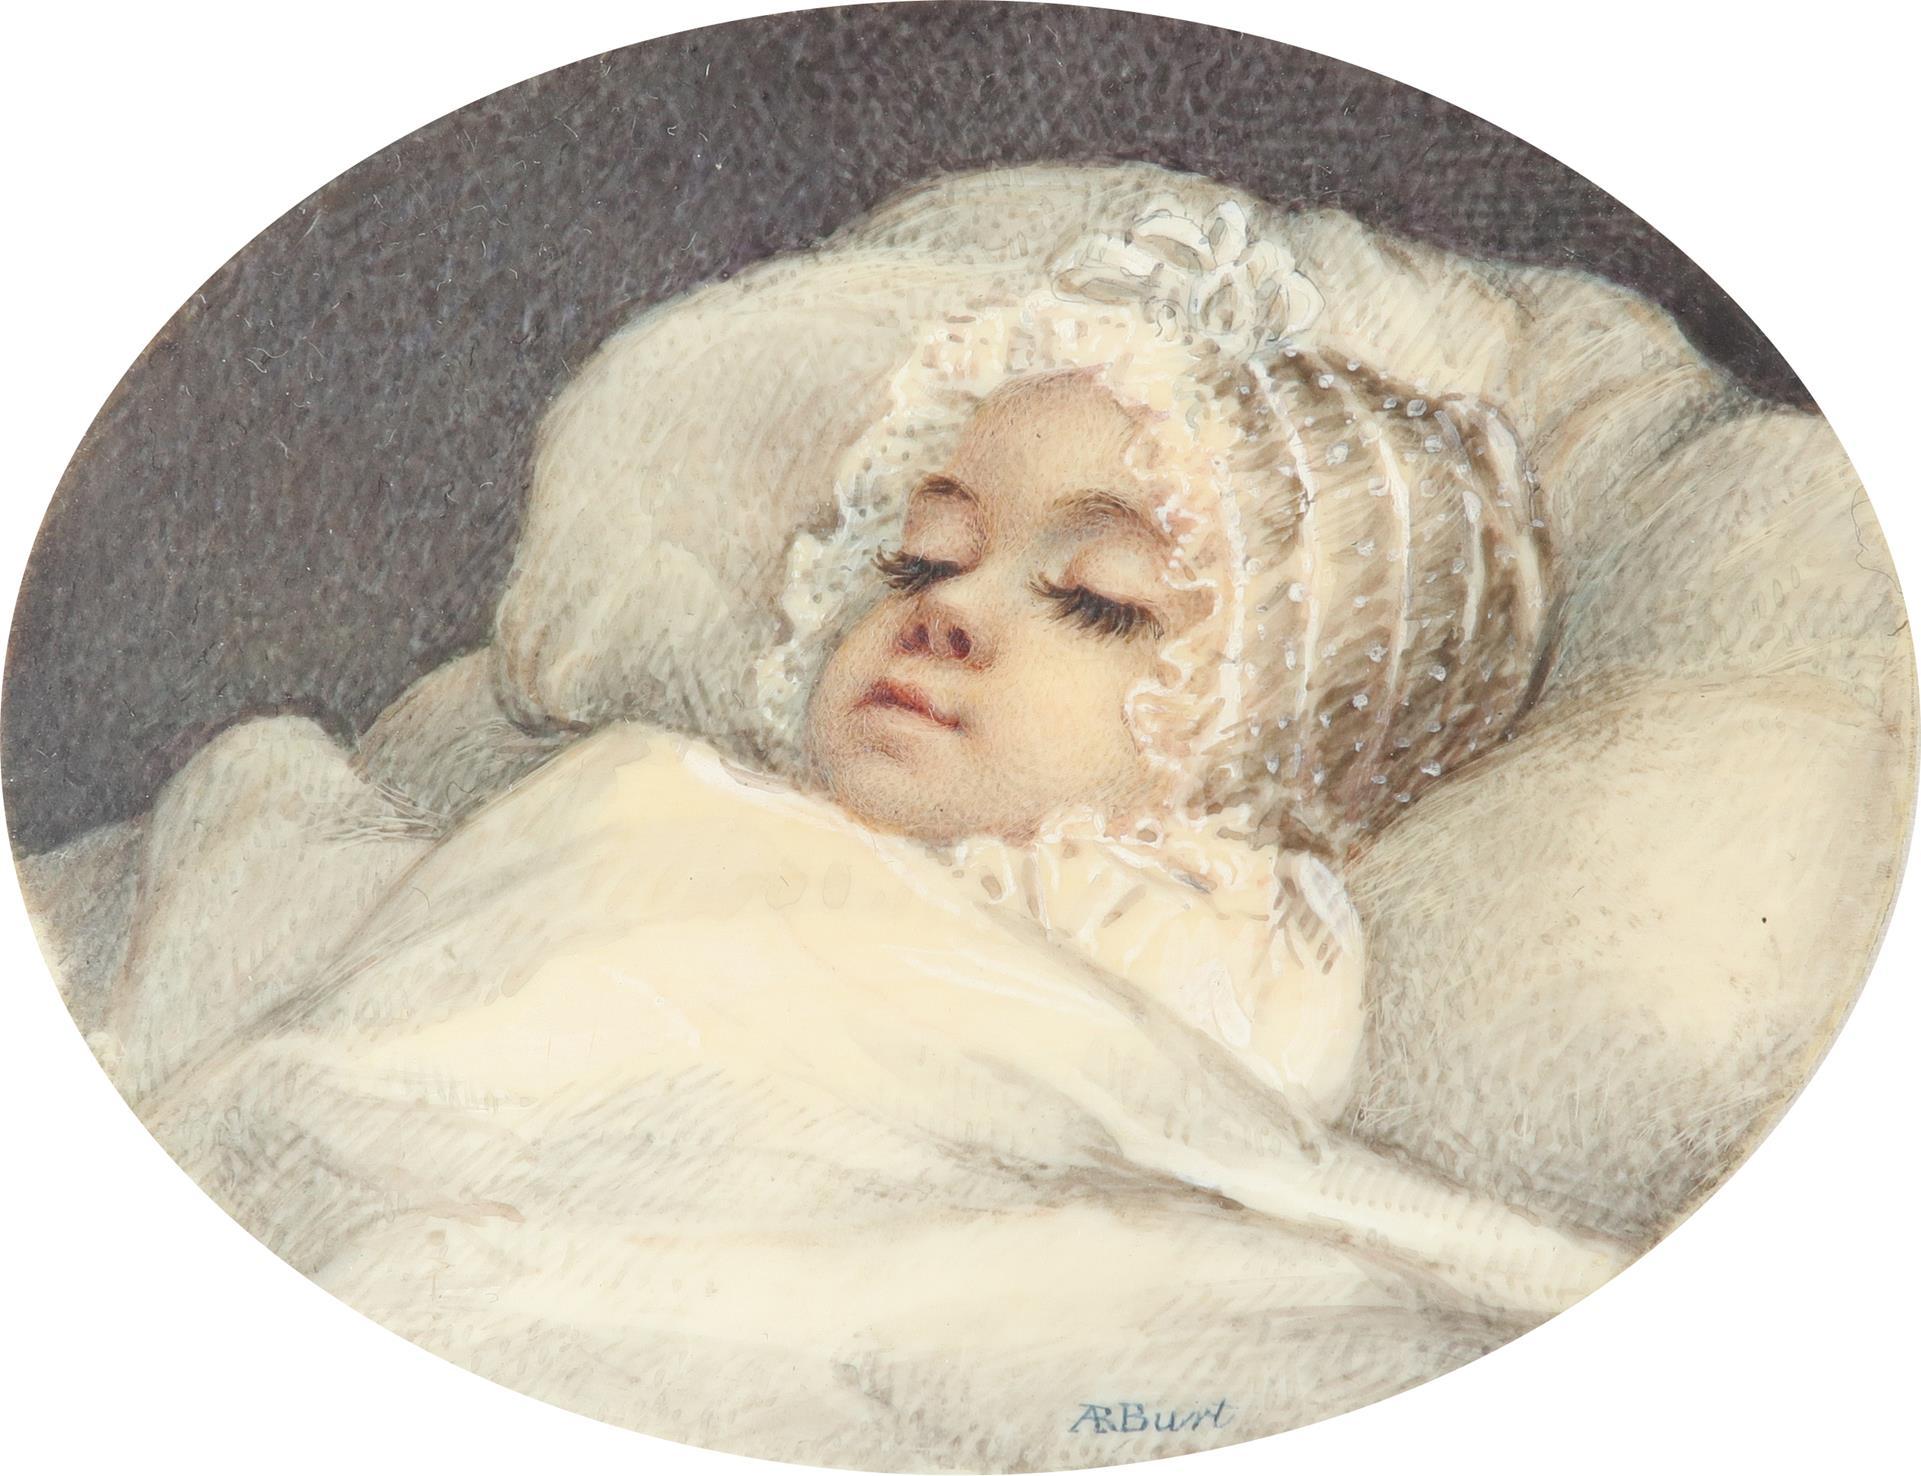 λAlbin Roberts Burt (1783-1842) Portrait of a sleeping baby Signed AR Burt (lower centre), and